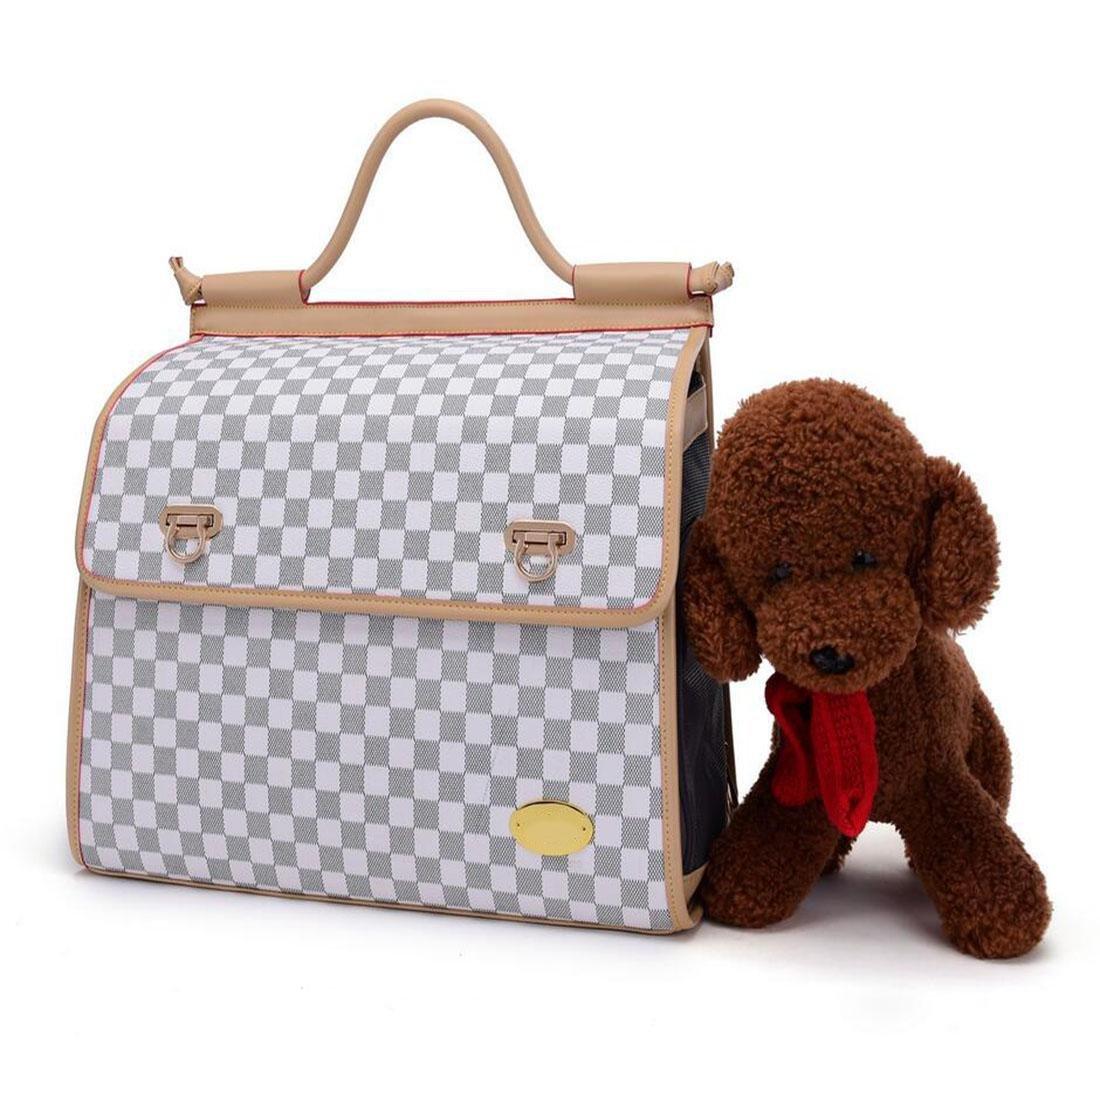 WYXIN PU Dog Cat Backpack Carrier con Mesh traspirante Piccola mano Pet Spalle Borsa per Viaggi Escursionismo Camping40  28  20CM , Bianca